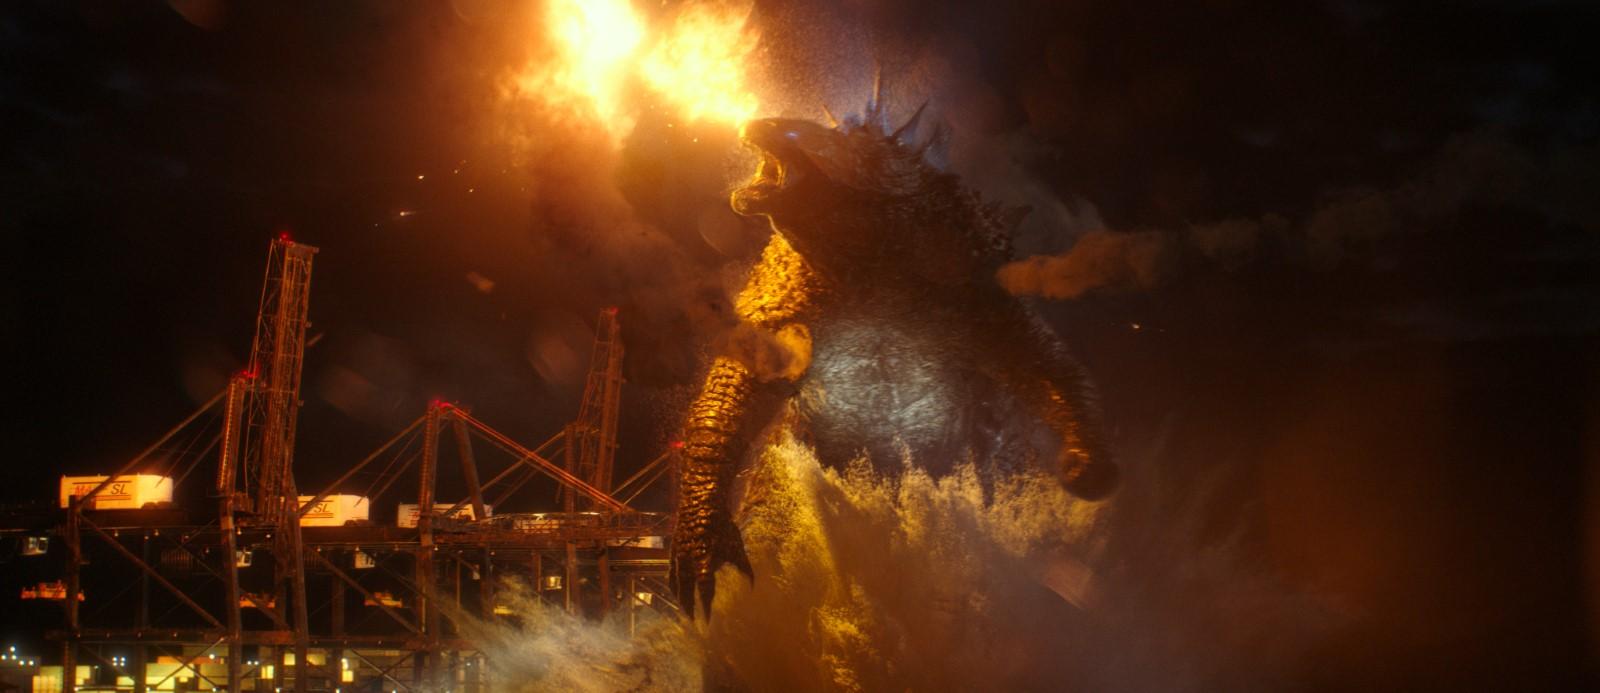 Cena do filme Godzilla vs Kong. A imagem é retangular e no centro dela está o Godzilla, um lagarto gigante e bípede, ele é mostrado da cintura para cima e olha para frente. Na imagem ele está saindo da água, seus olhos e suas protuberâncias na costas brilham em azul. Atrás dele há algumas construções e vigas vermelhas. Acima de sua cabeça ocorre uma explosão. O fundo da imagem é o céu noturno.